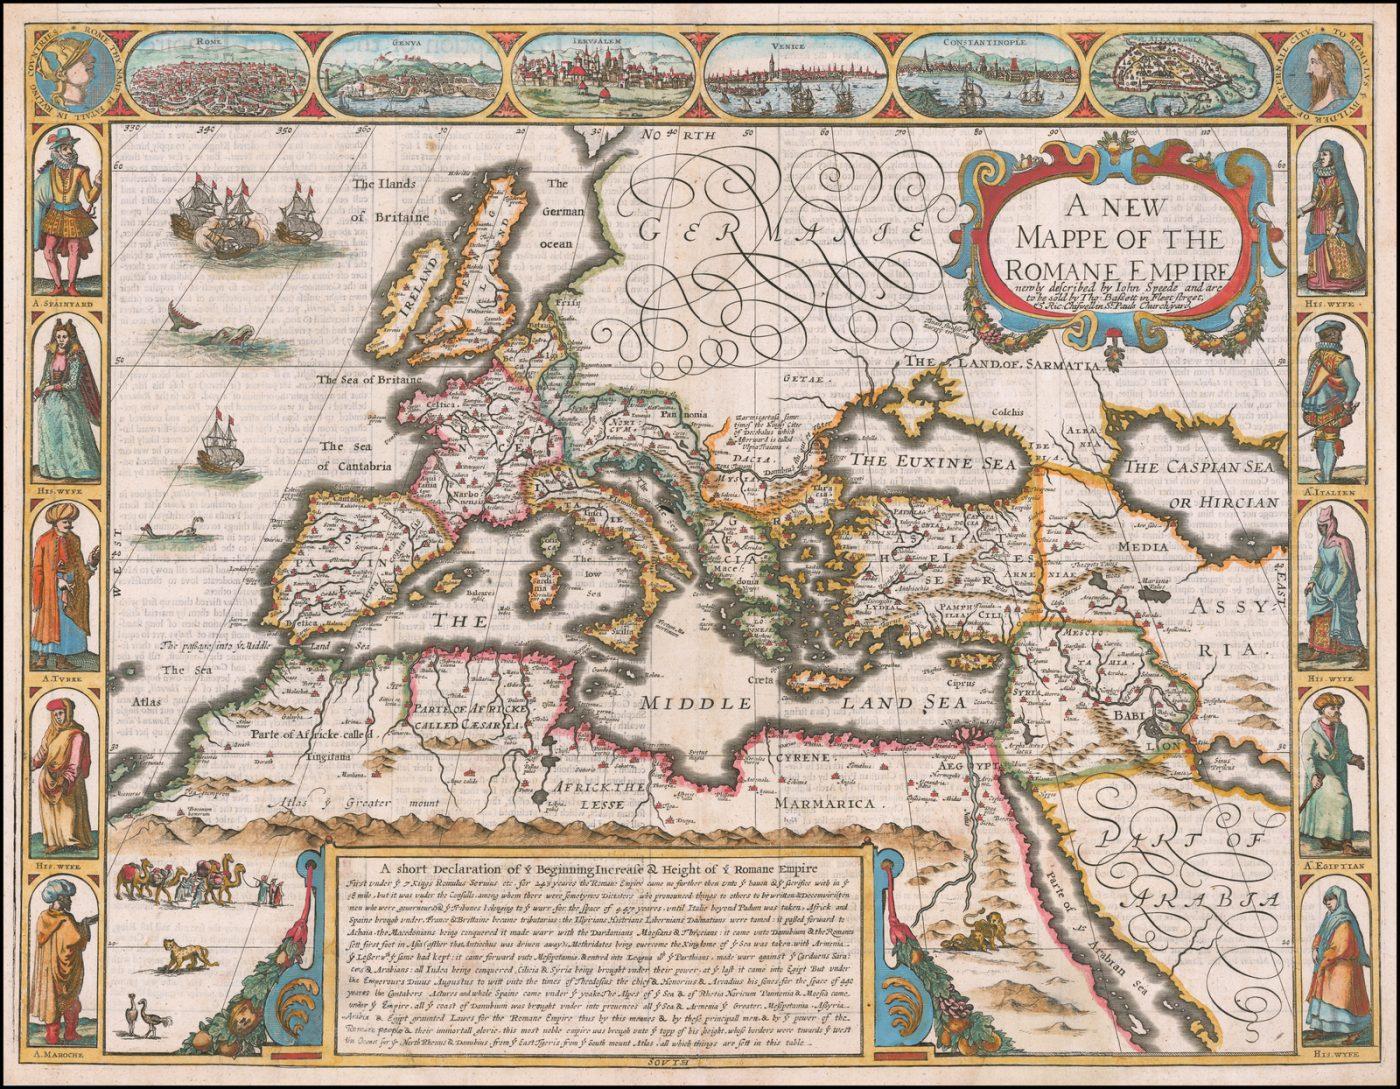 Подлинная карта Римской империи 17 века - Джон Спид 1676 год